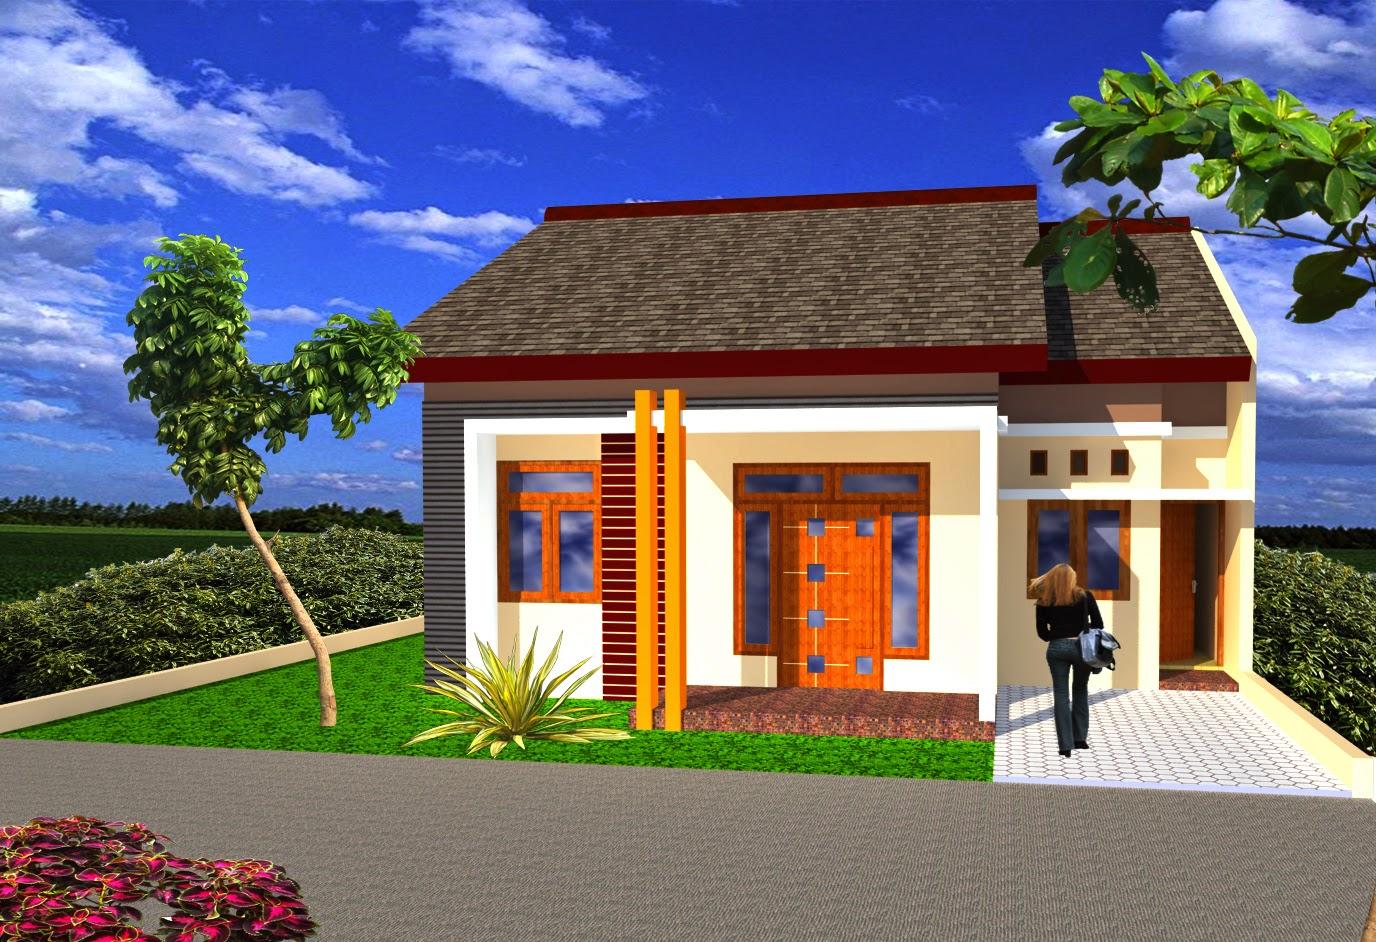 Desain Rumah Minimalis Dengan Batu Alam Alur Simetris